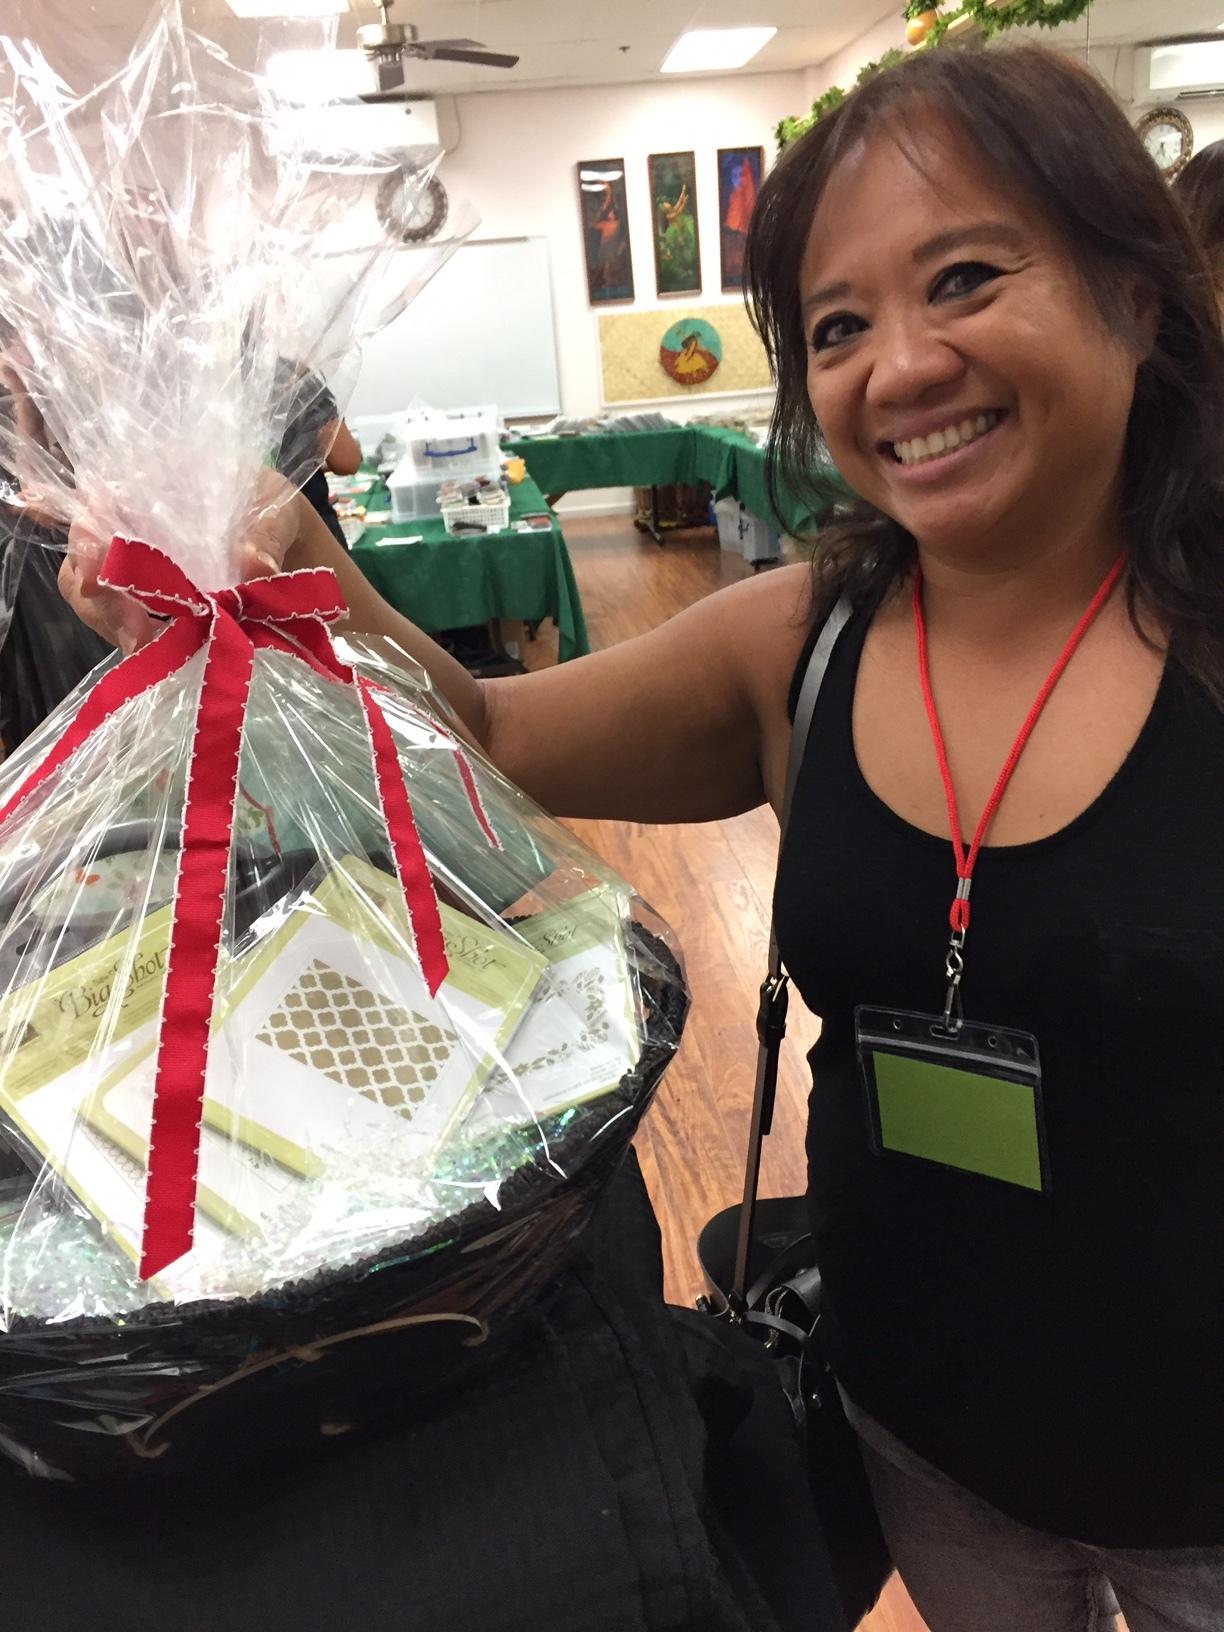 Shanda's prize basket - www.stampedwithaloha.com